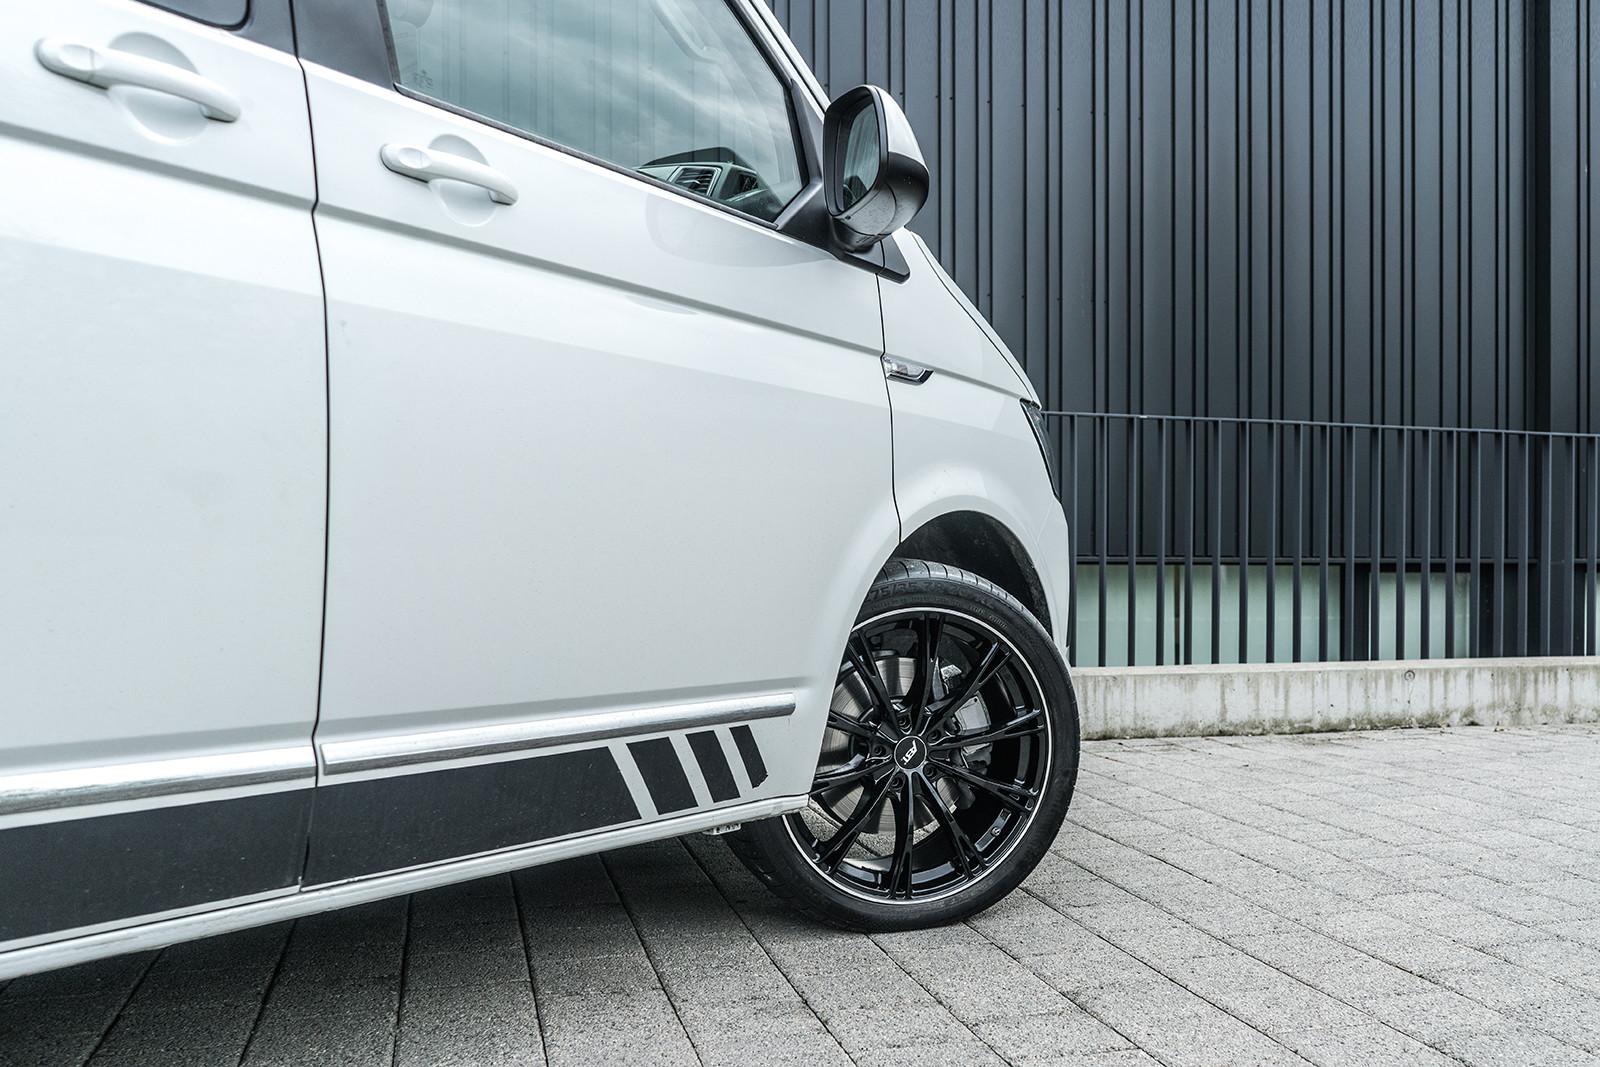 Foto de ABT Volkswagen T6 2018 (4/7)